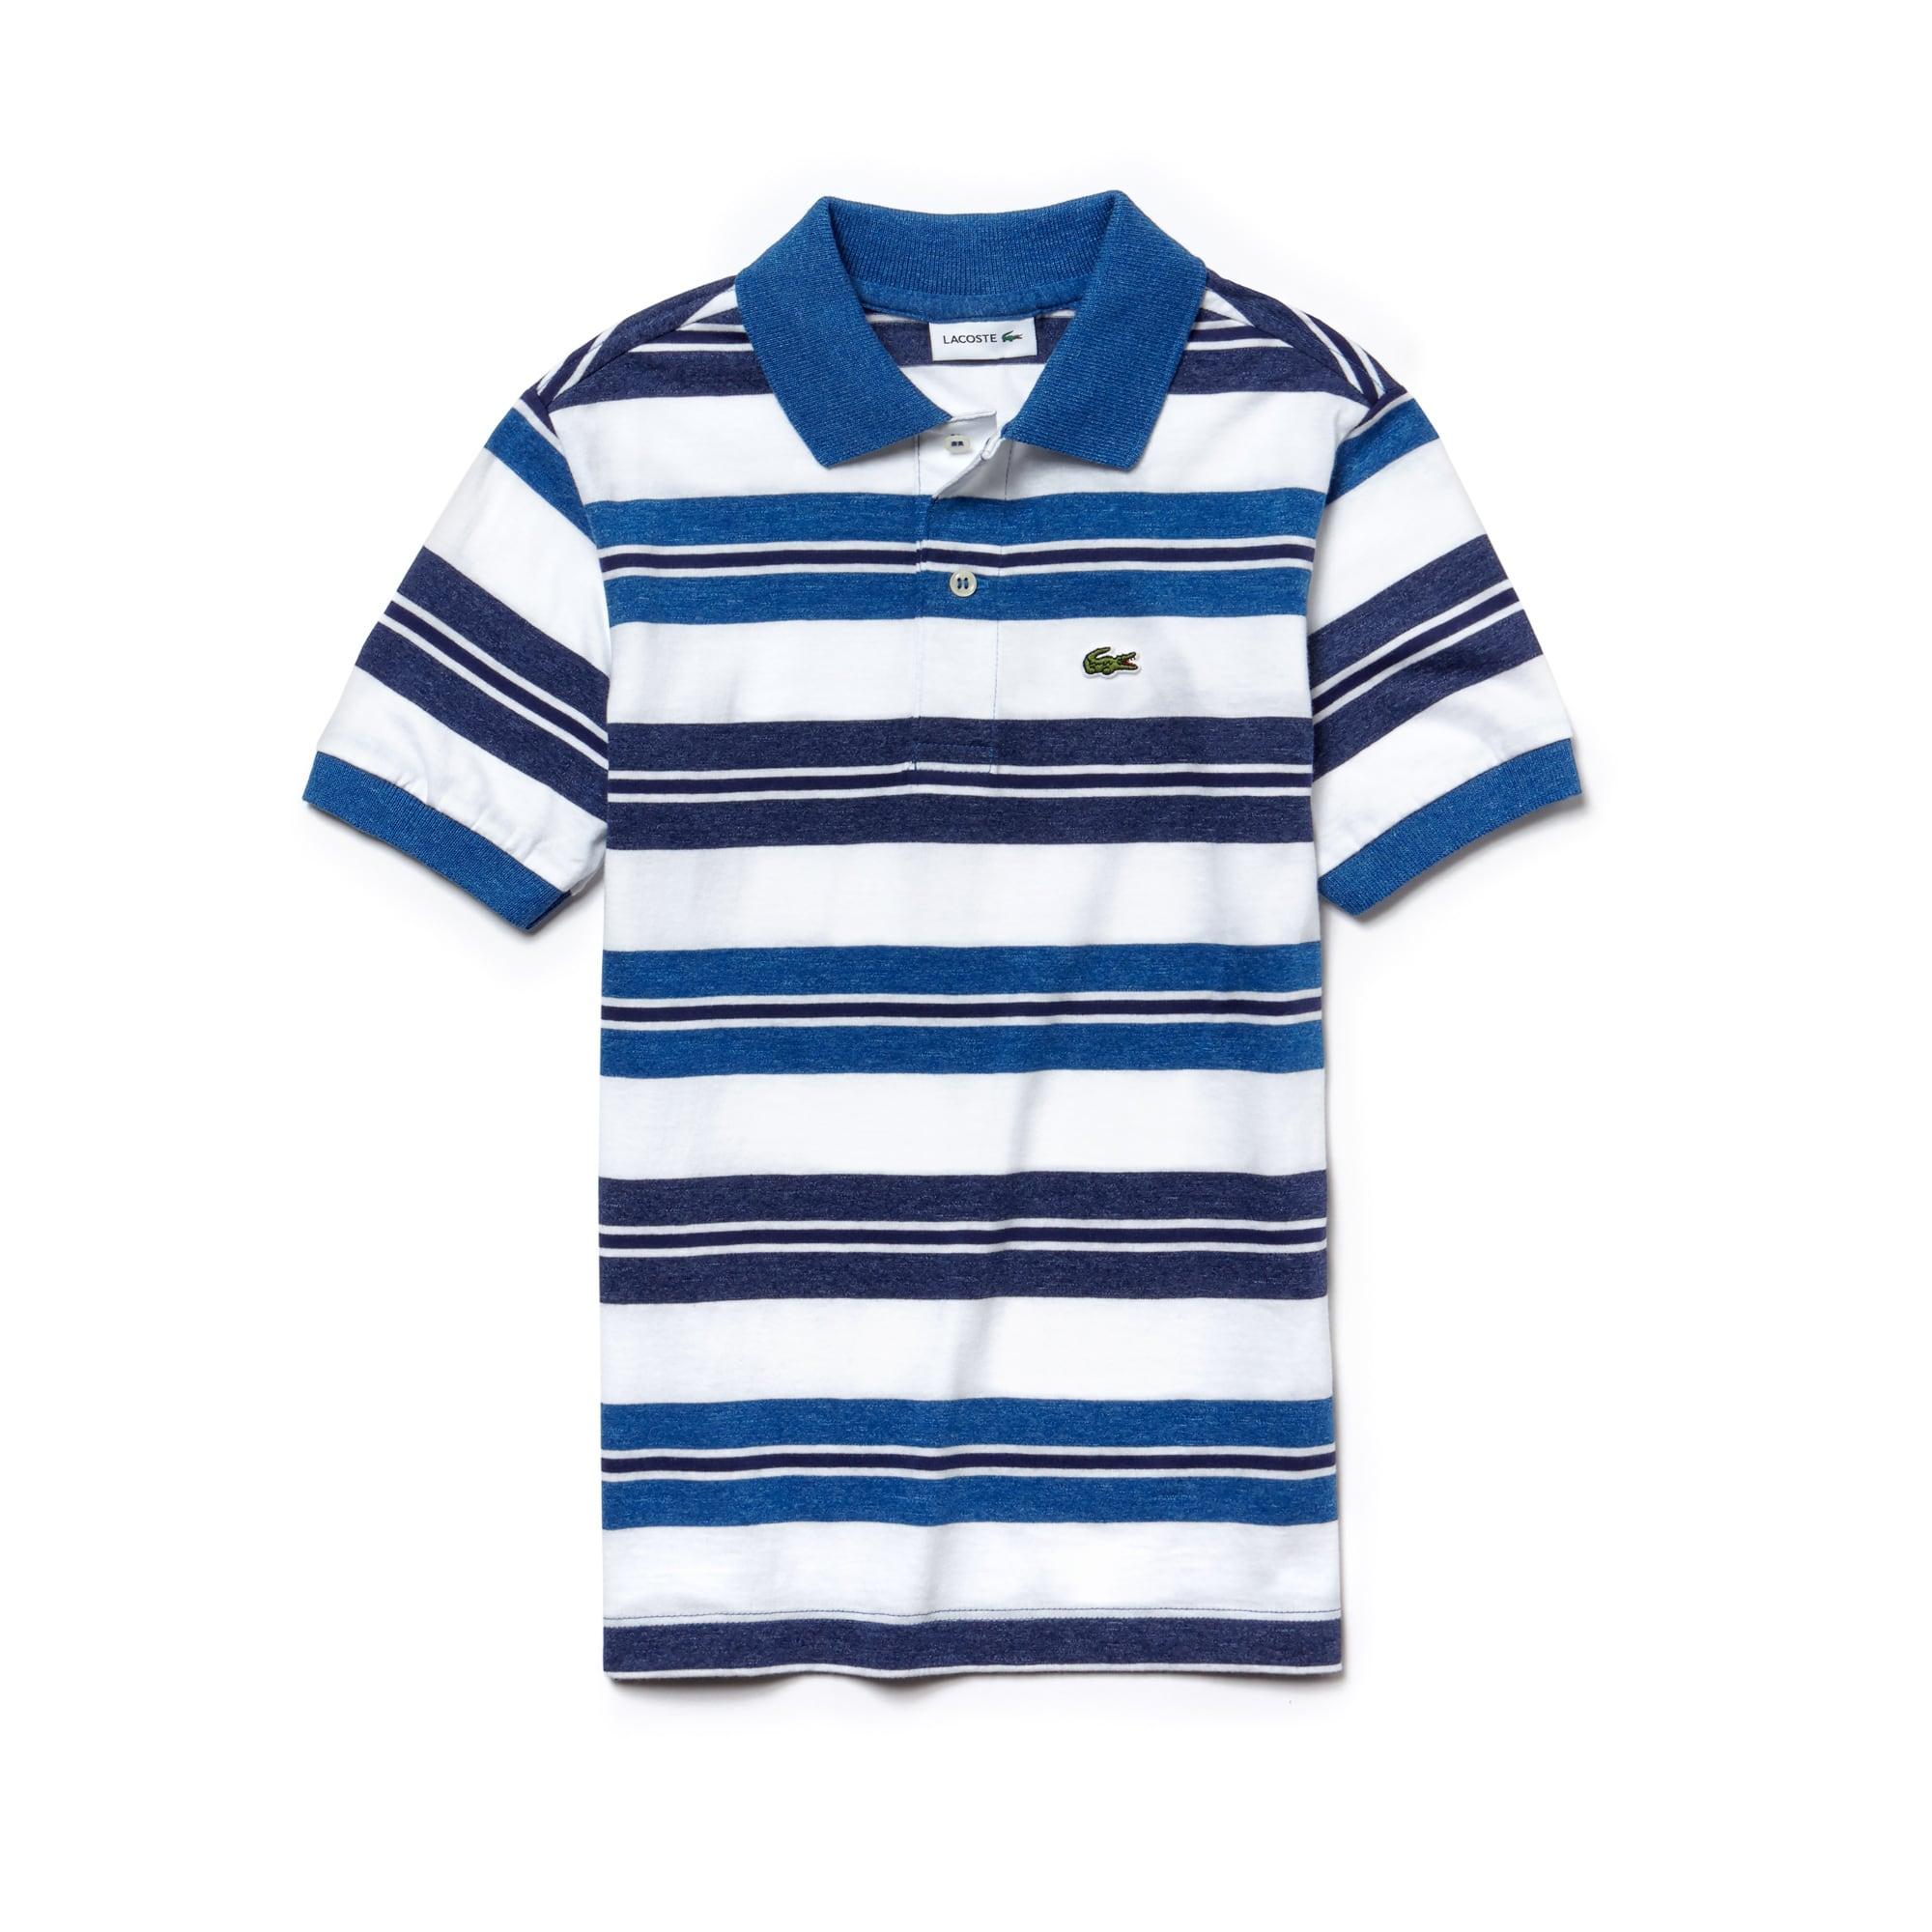 Polo de niño Lacoste de punto jersey de algodón de rayas